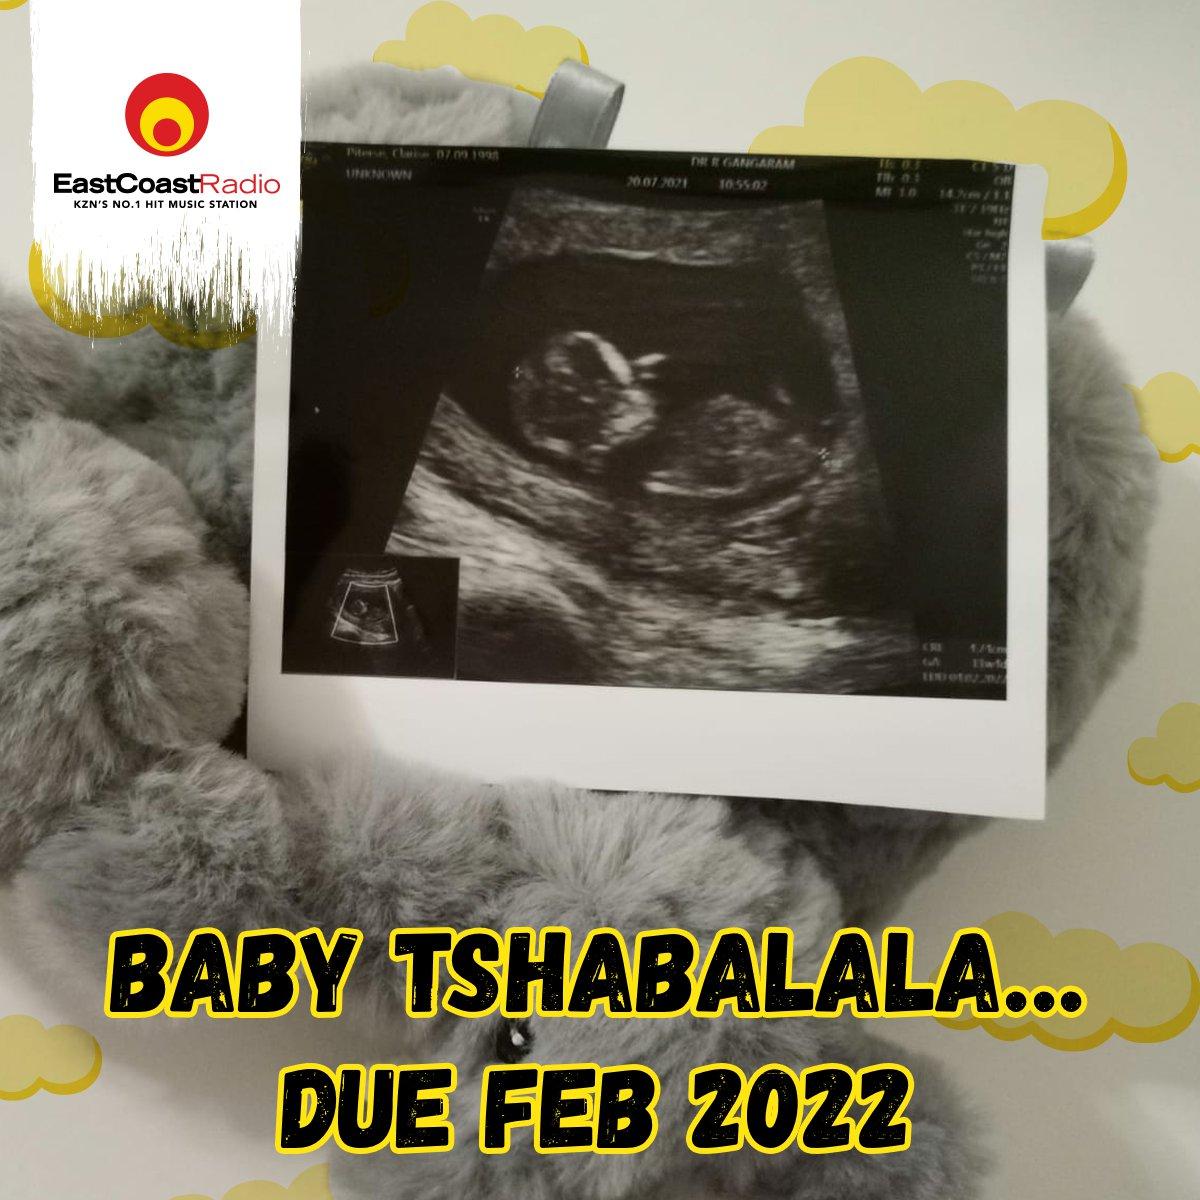 Baby Tshabalala